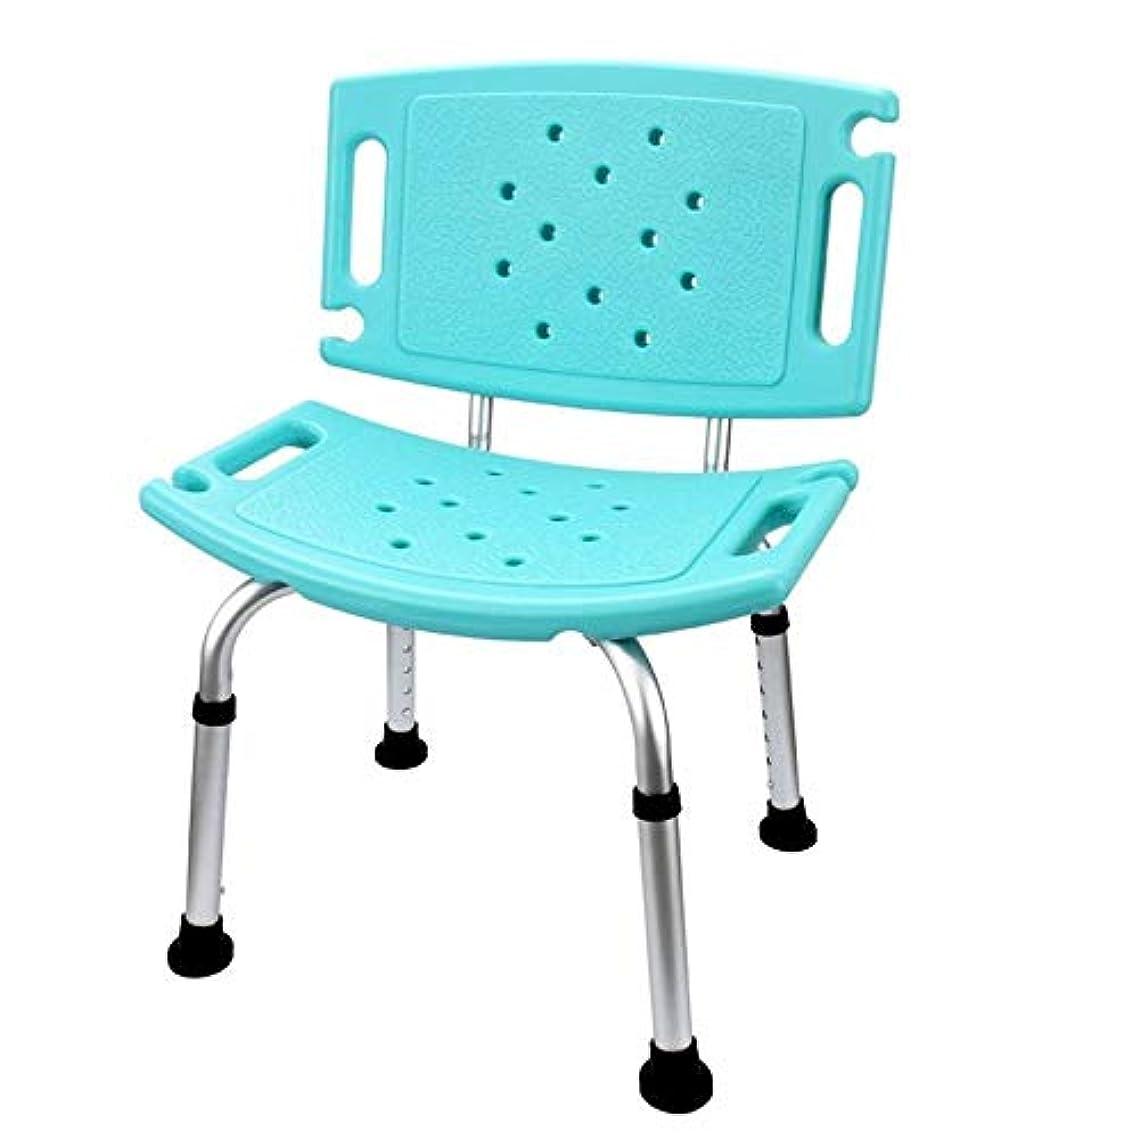 句契約する下向き背部およびシャワー?ヘッドのホールダーが付いているデラックスな高さの調節可能なアルミニウムBath/シャワーの椅子